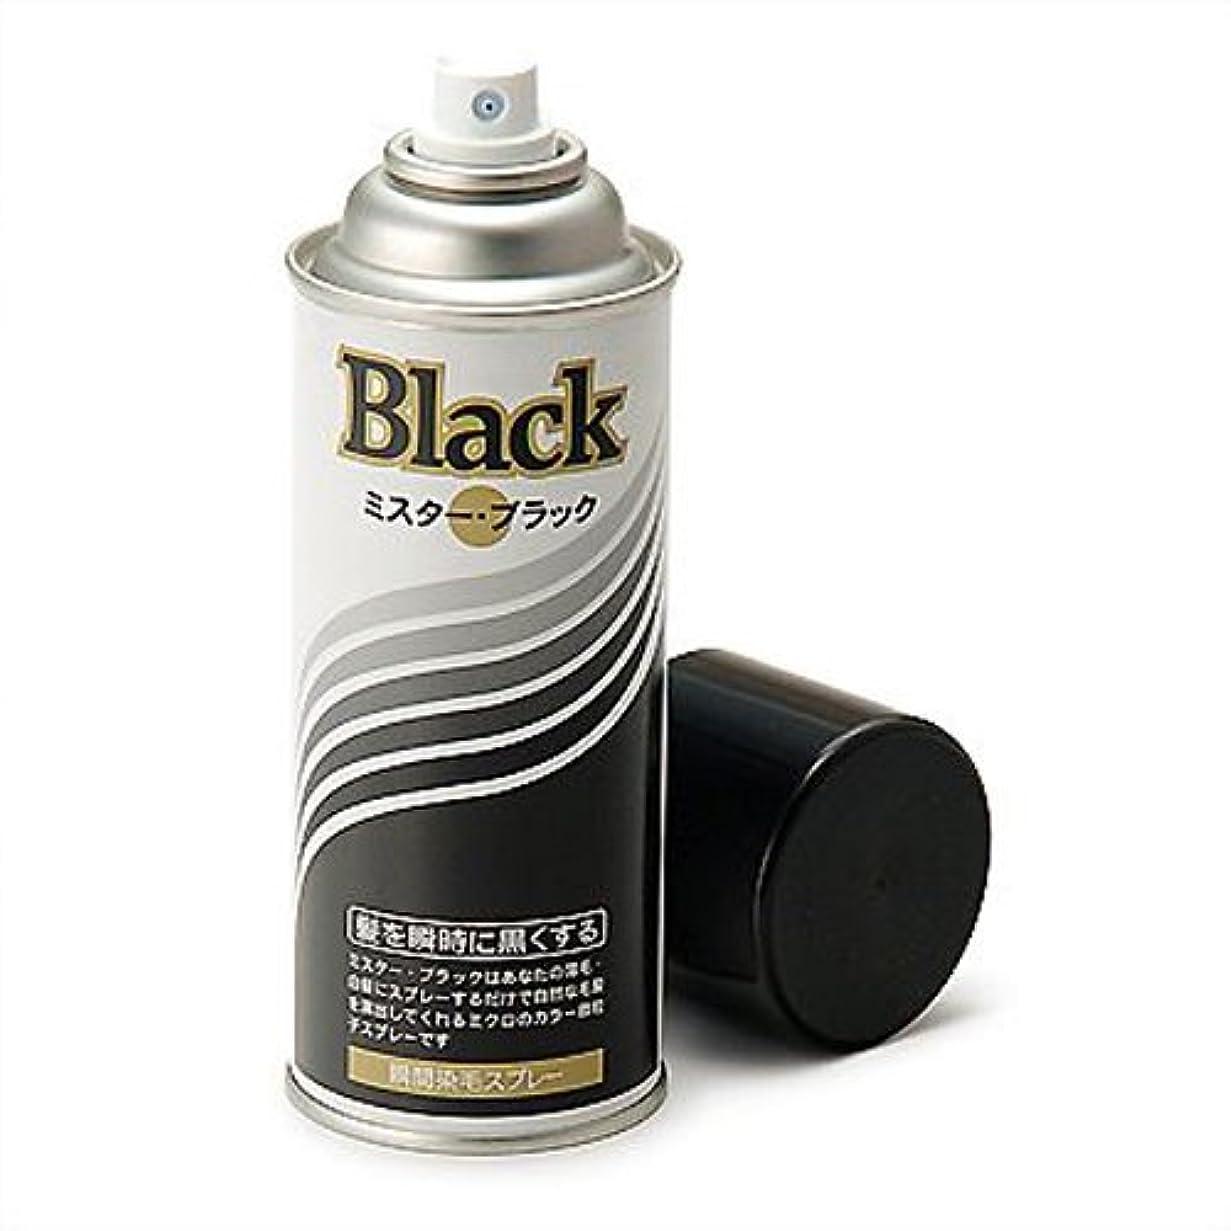 気味の悪い自発的いとこ増毛スプレー剤で薄毛を瞬時で増毛にするミスターブラック1本